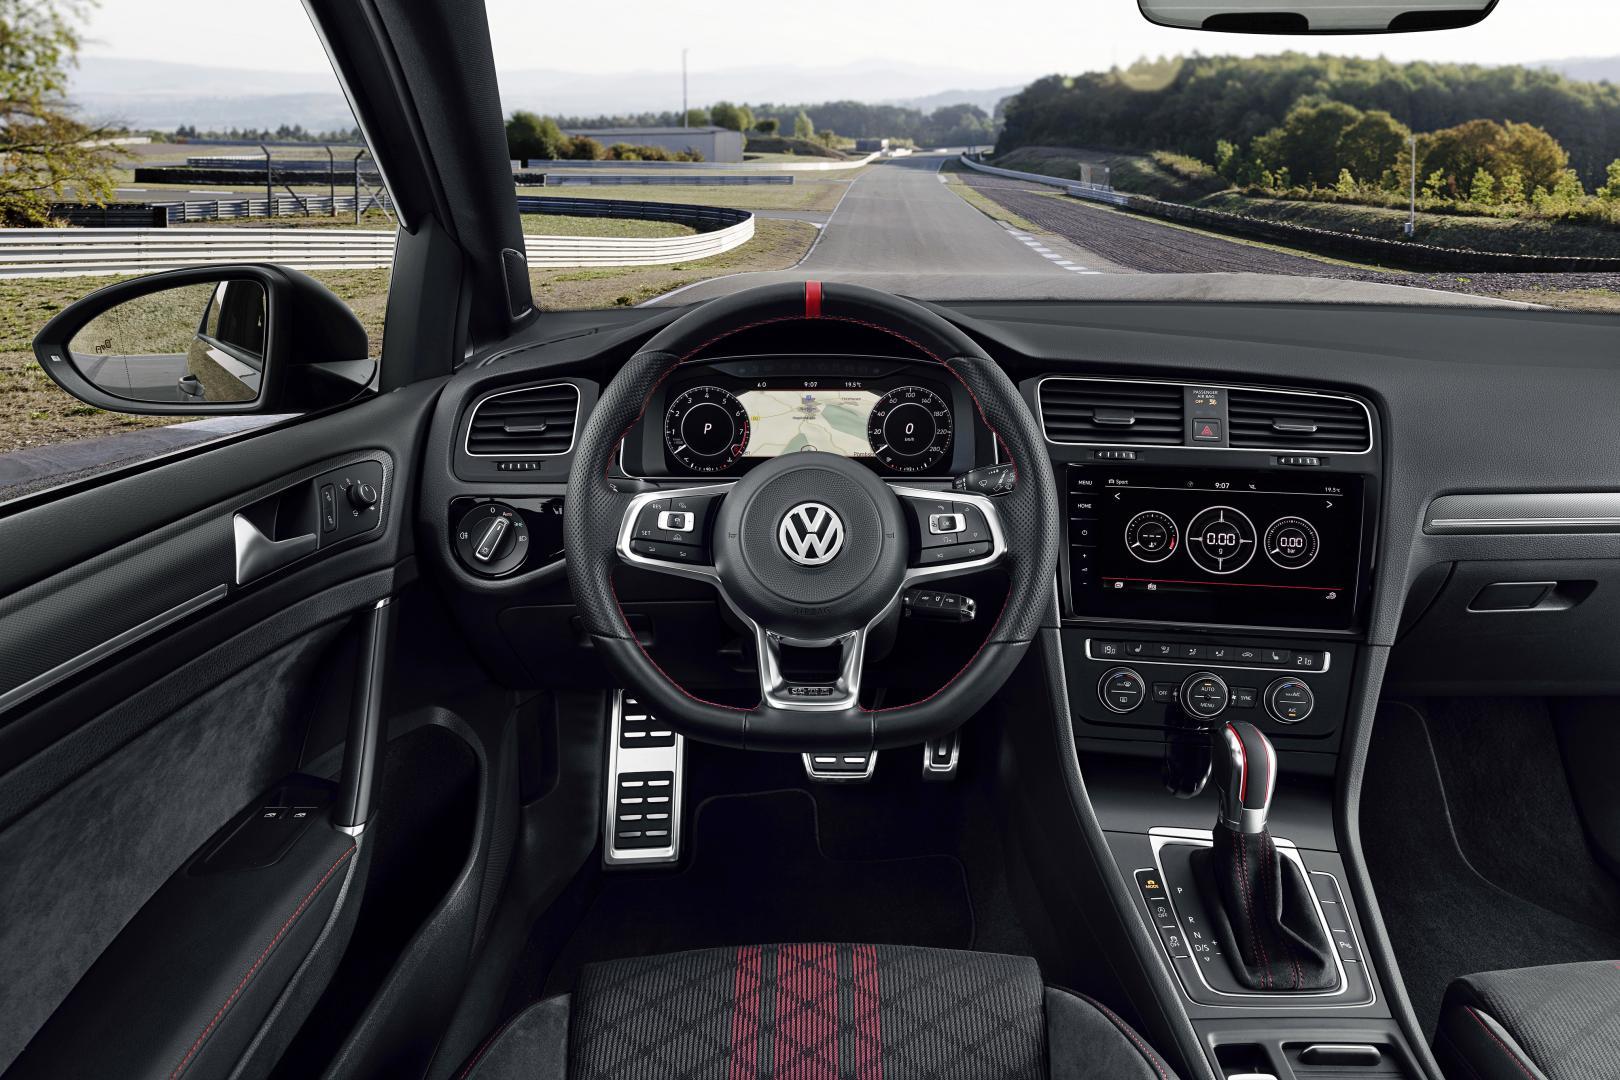 Volkswagen Golf GTI TCR interieur